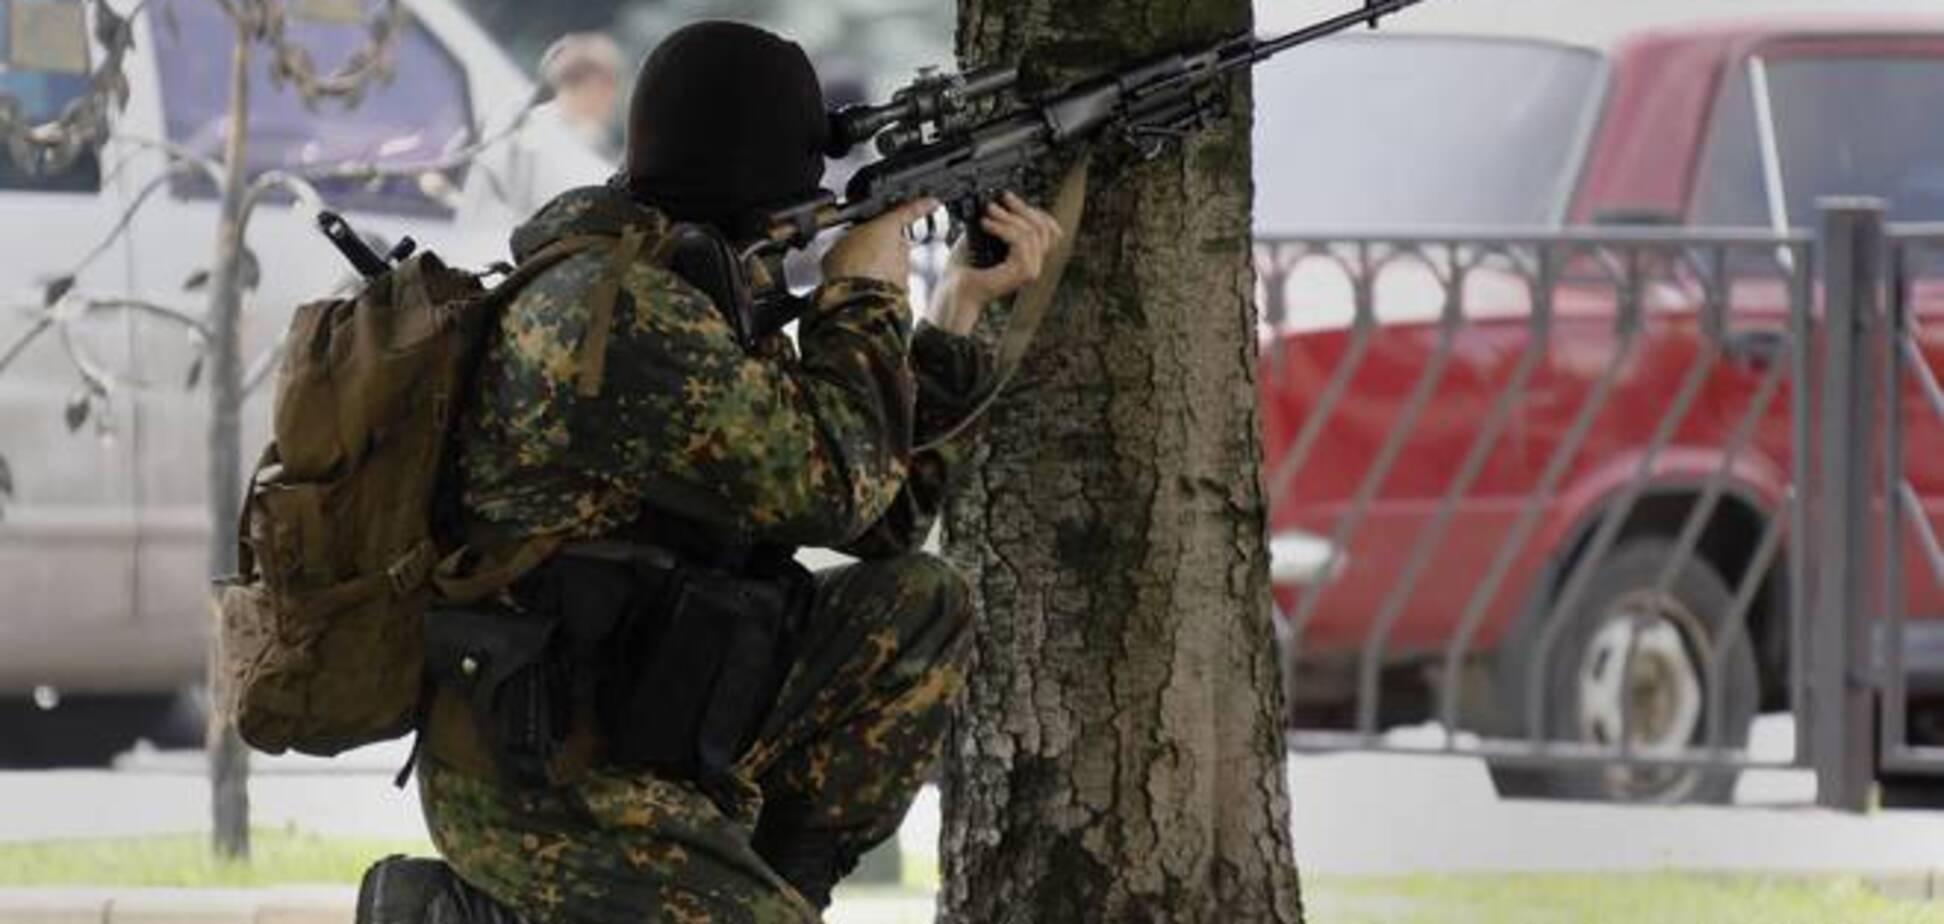 Во время атаки на Луганский погранотряд уничтожены пять боевиков - Тымчук